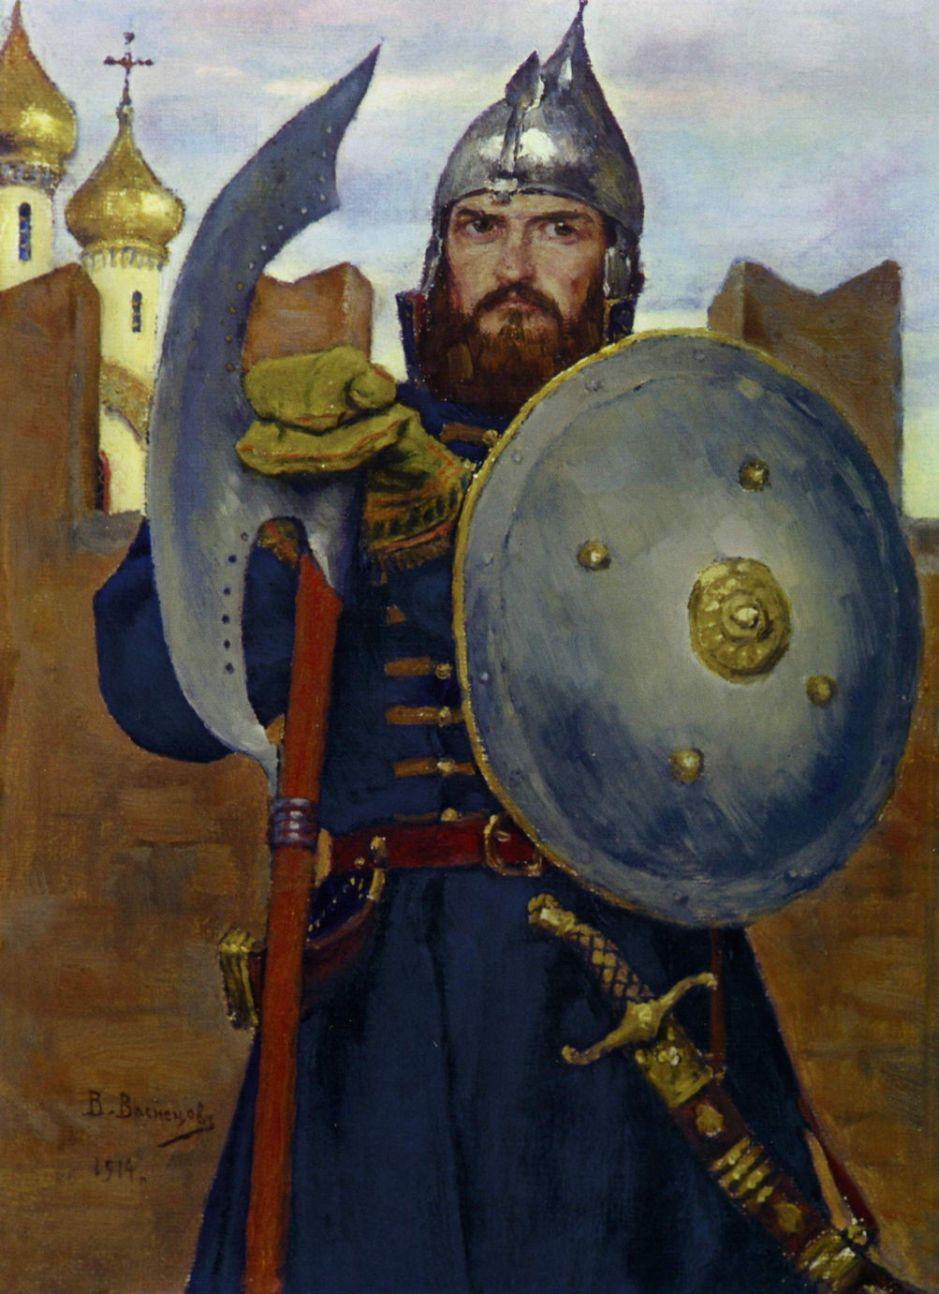 vasnetsovguard